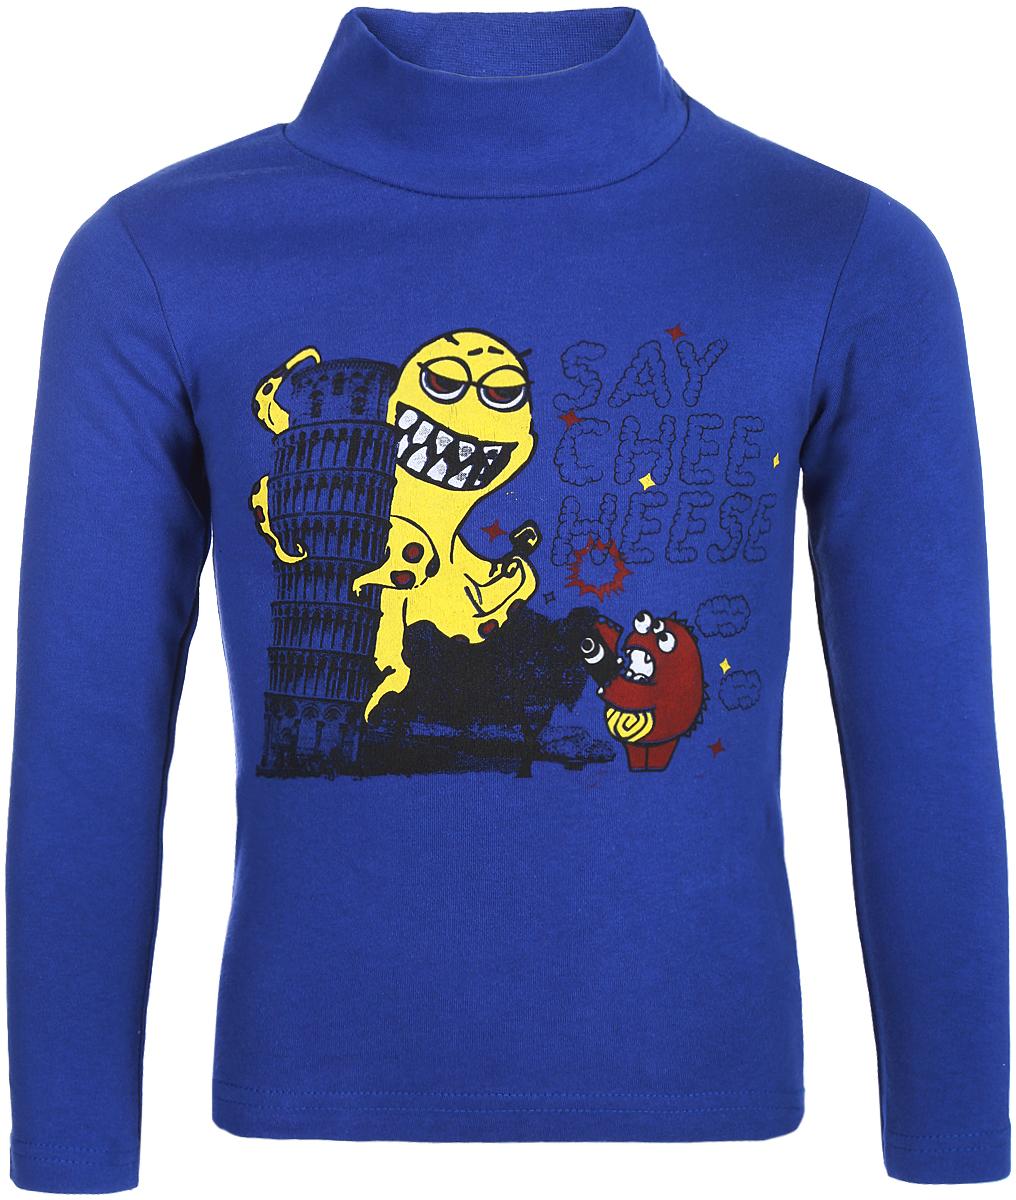 Водолазка для мальчика Arge Fashion, цвет: синий. MRM-15B-42 7003-4. Размер 110 куплю документы на гольф 4